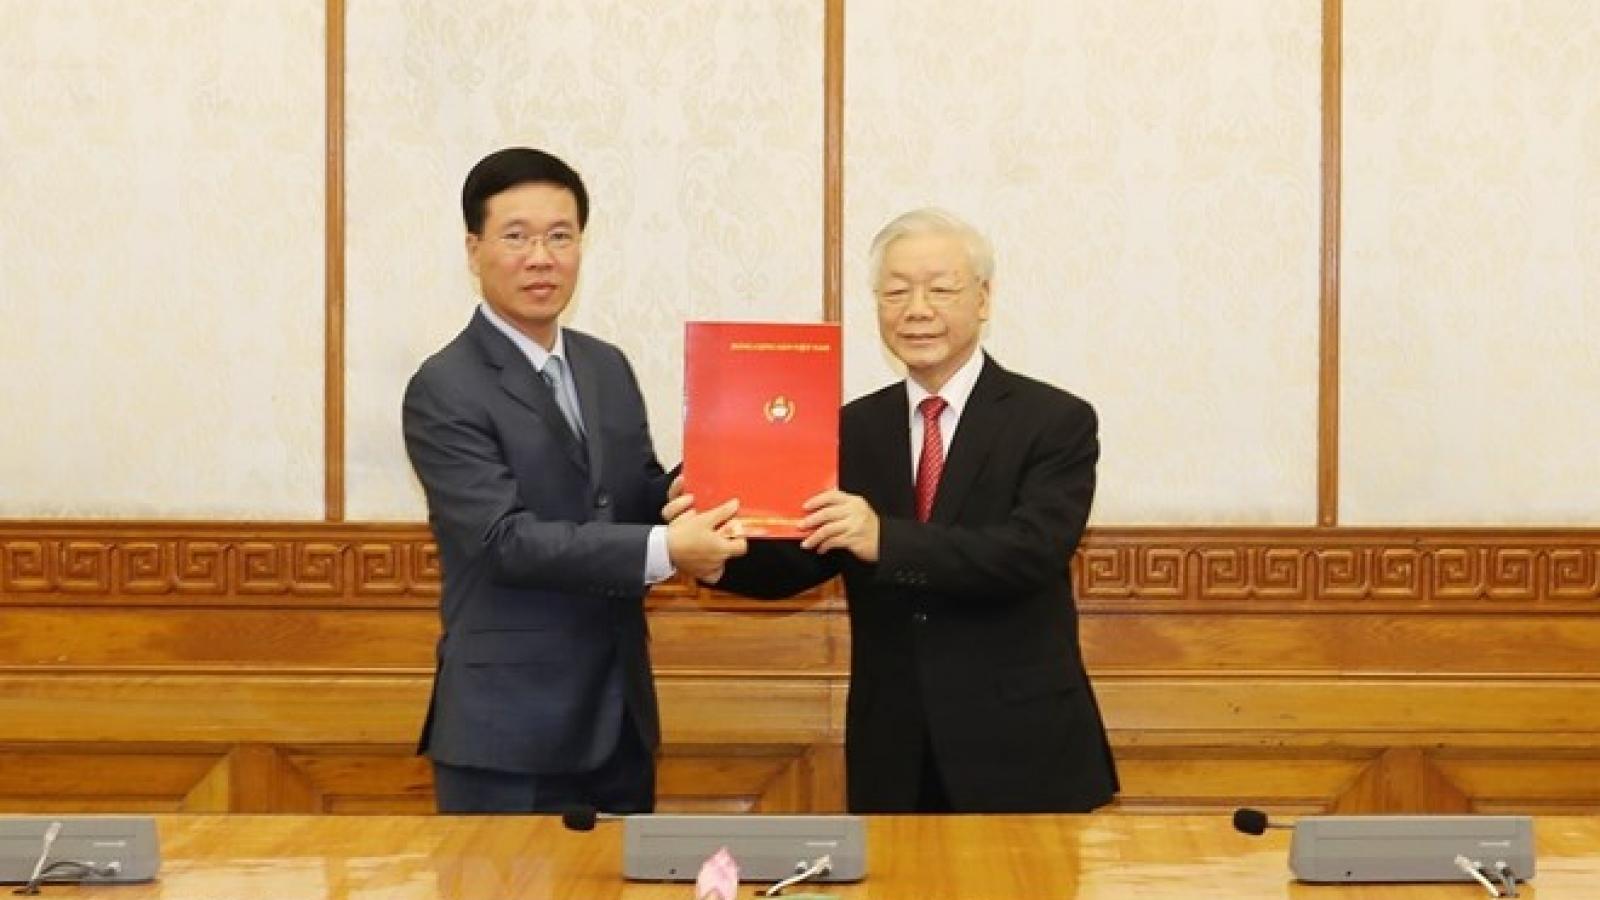 Bộ Chính trị phân công ông Võ Văn Thưởng giữ chức Thường trực Ban Bí thư